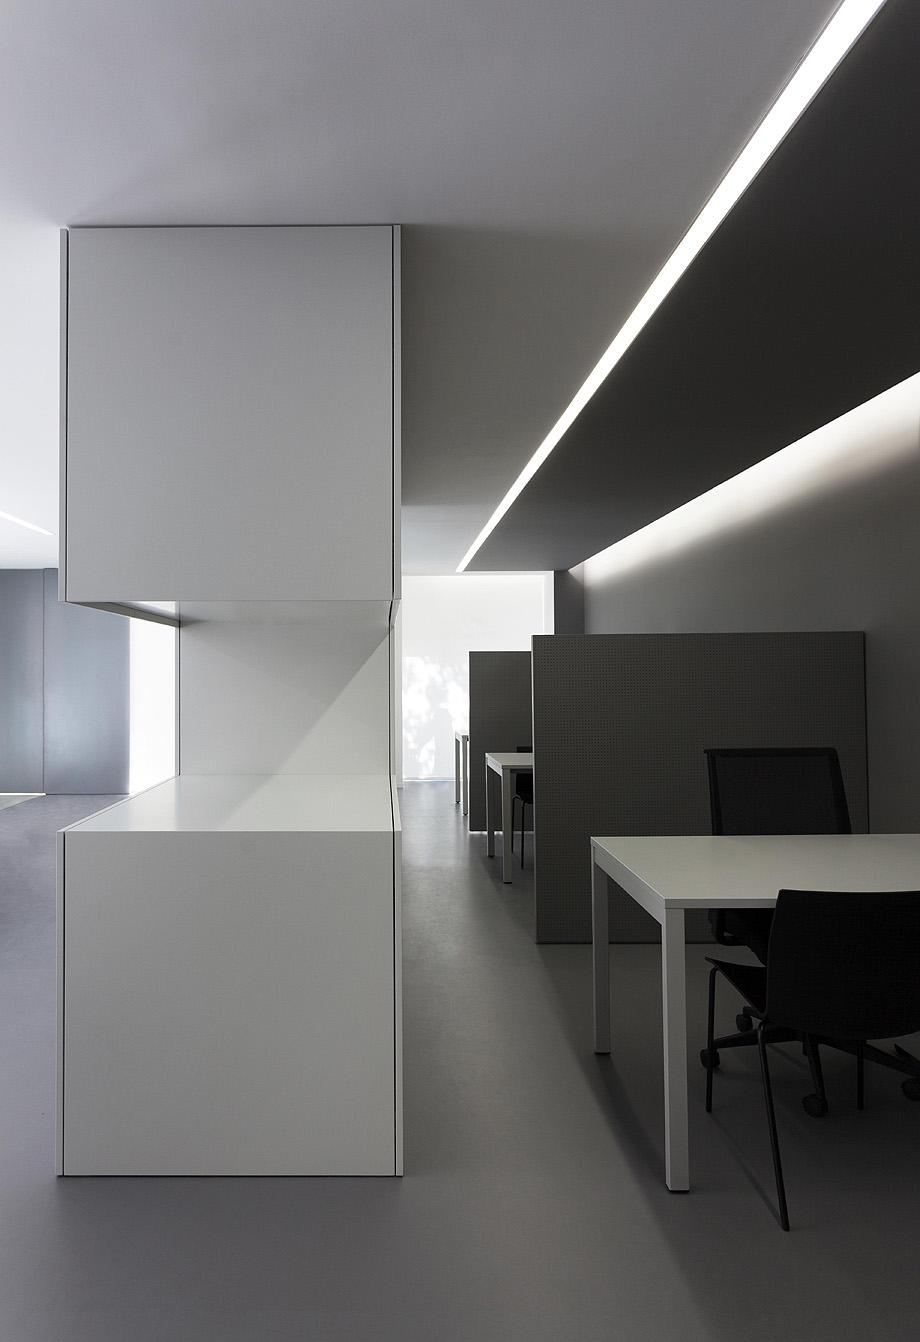 oficinas oav de fran silvestre arquitectos - foto diego opazo (15)